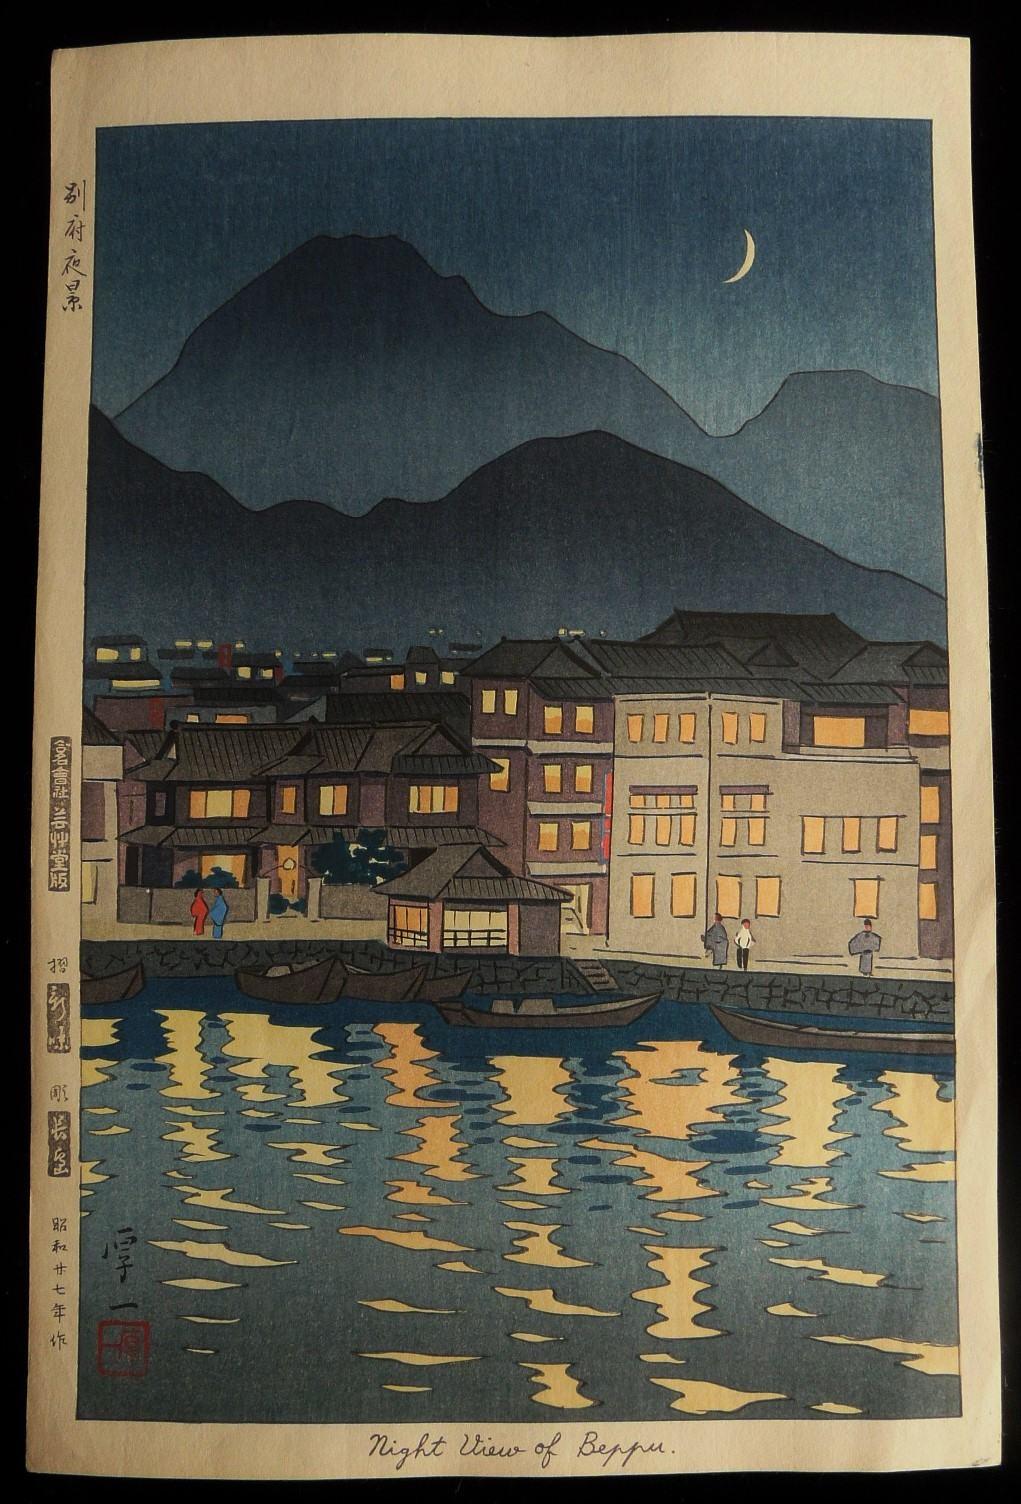 KOICHI OKUMURA: #P2477 NIGHT VIEW OF BEPPU